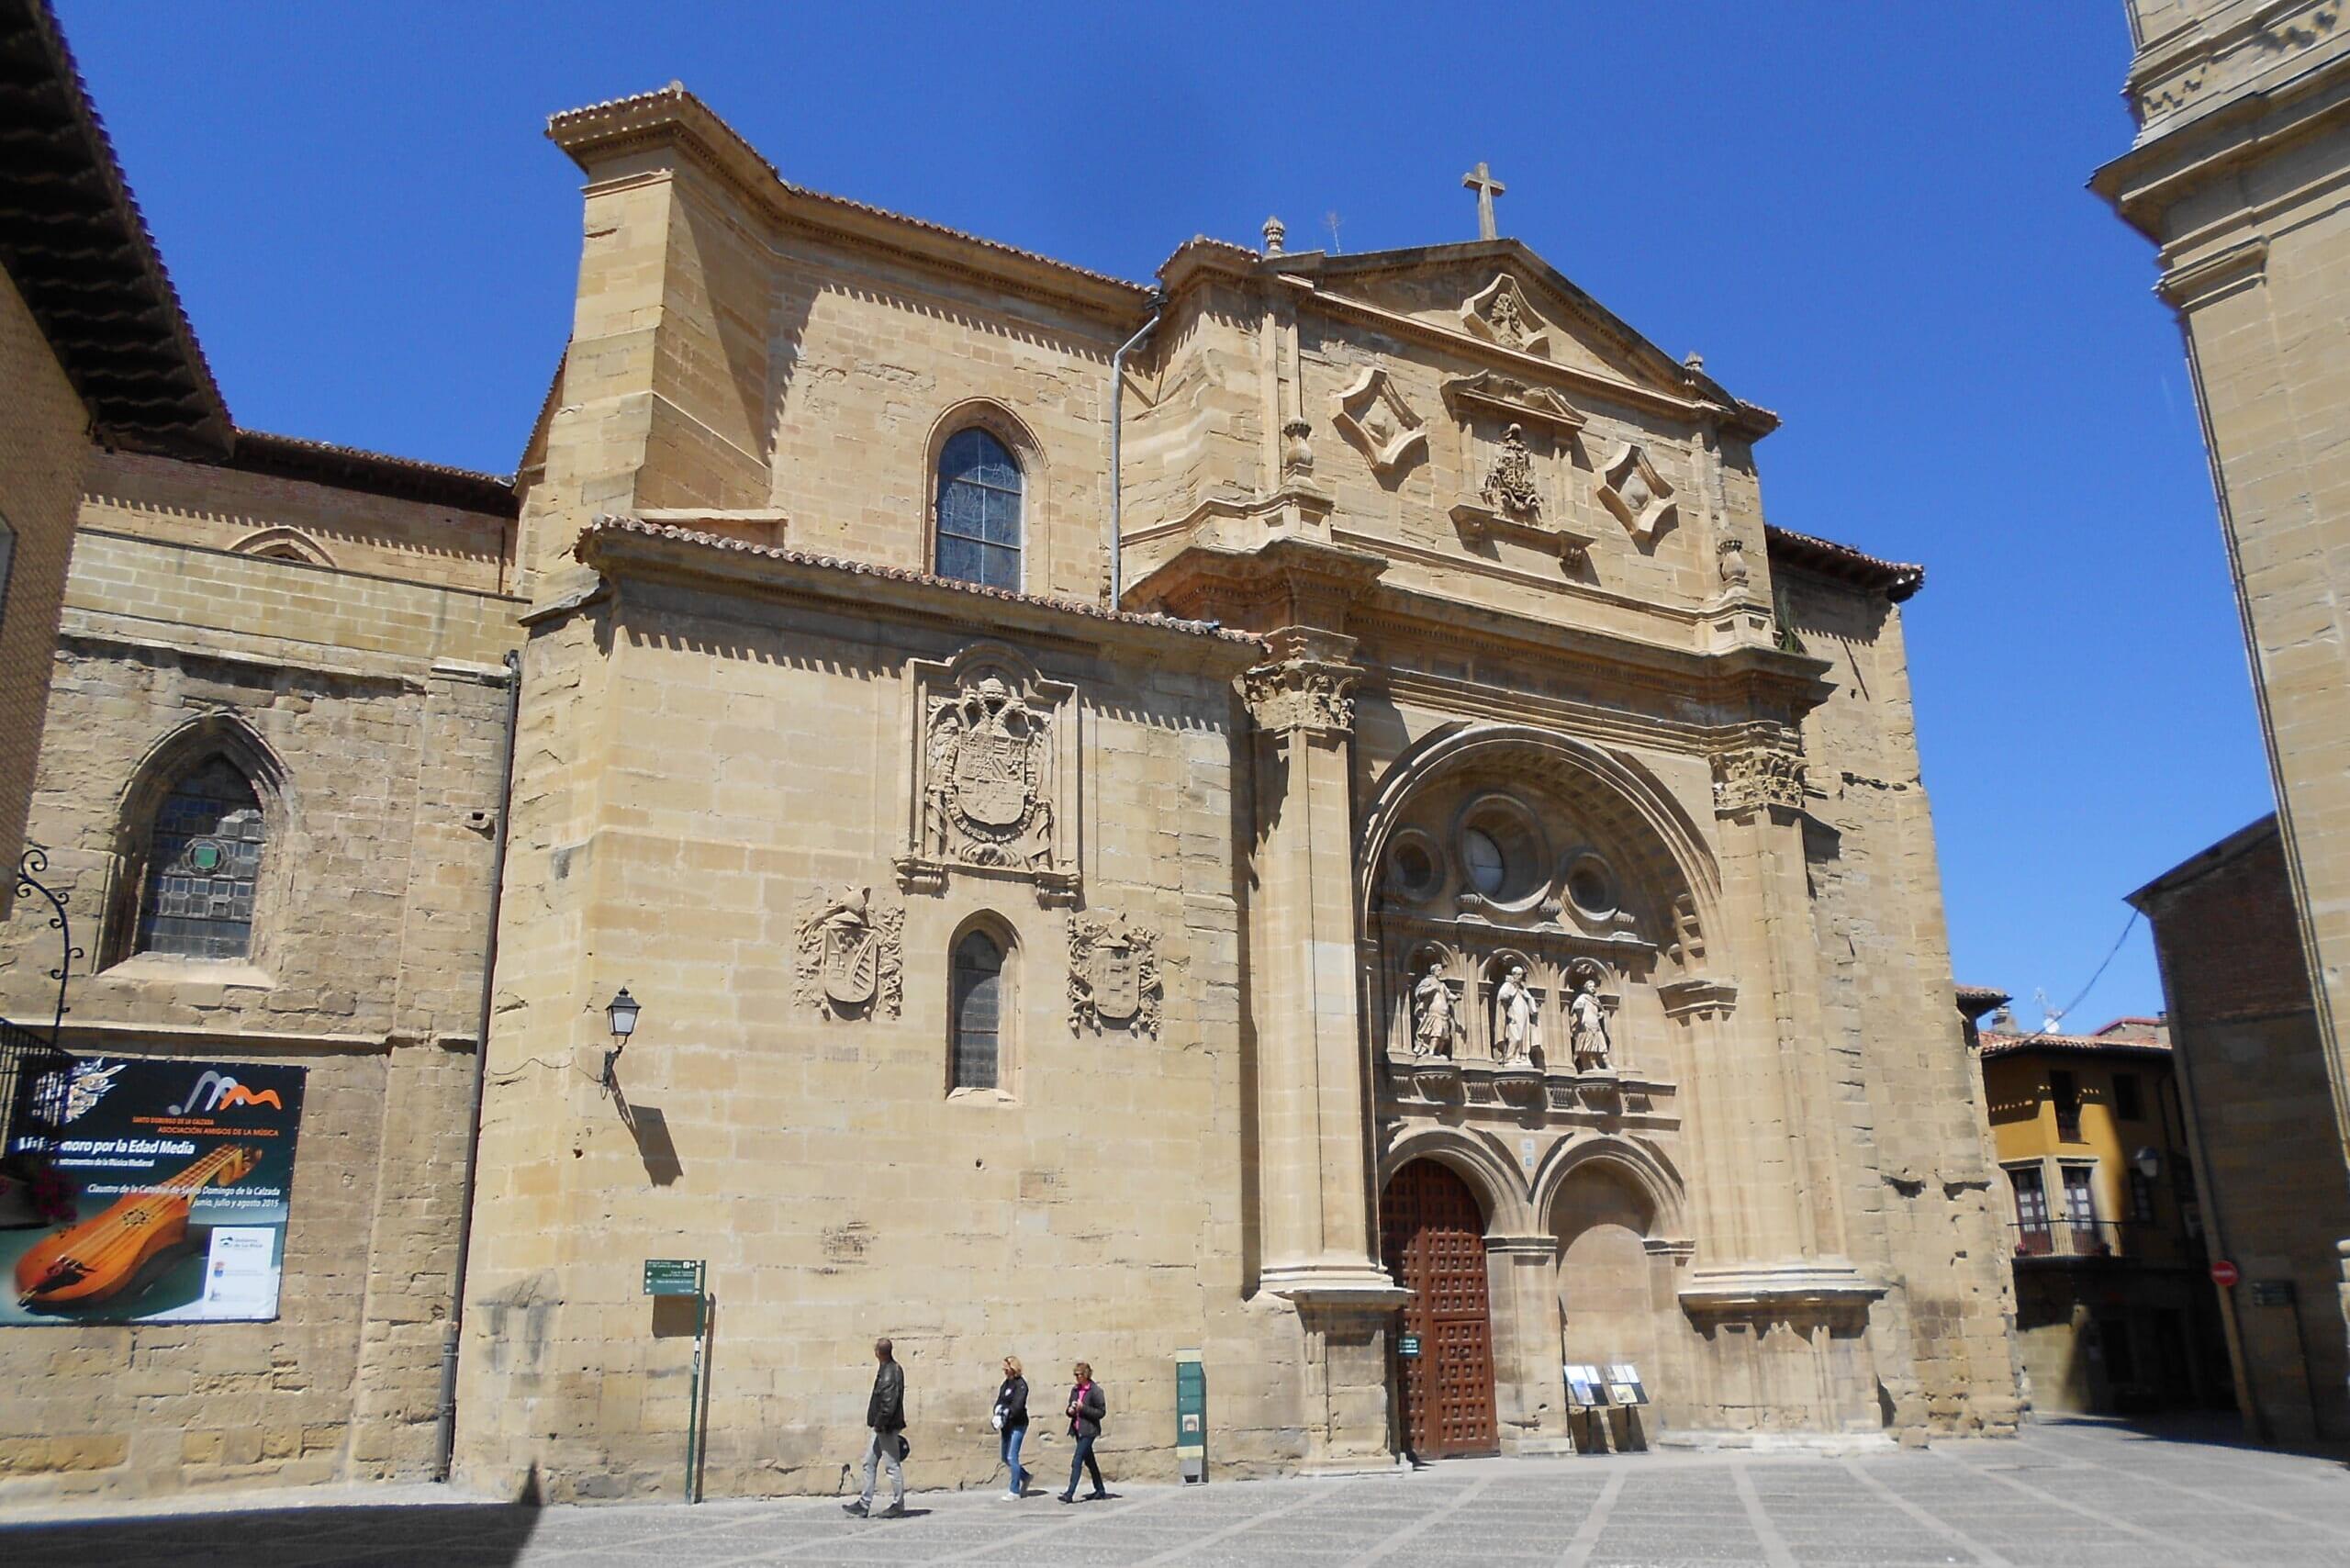 北スペインの観光地であるリオハのサント・ドミンゴ・デ・ラ・カルサダ